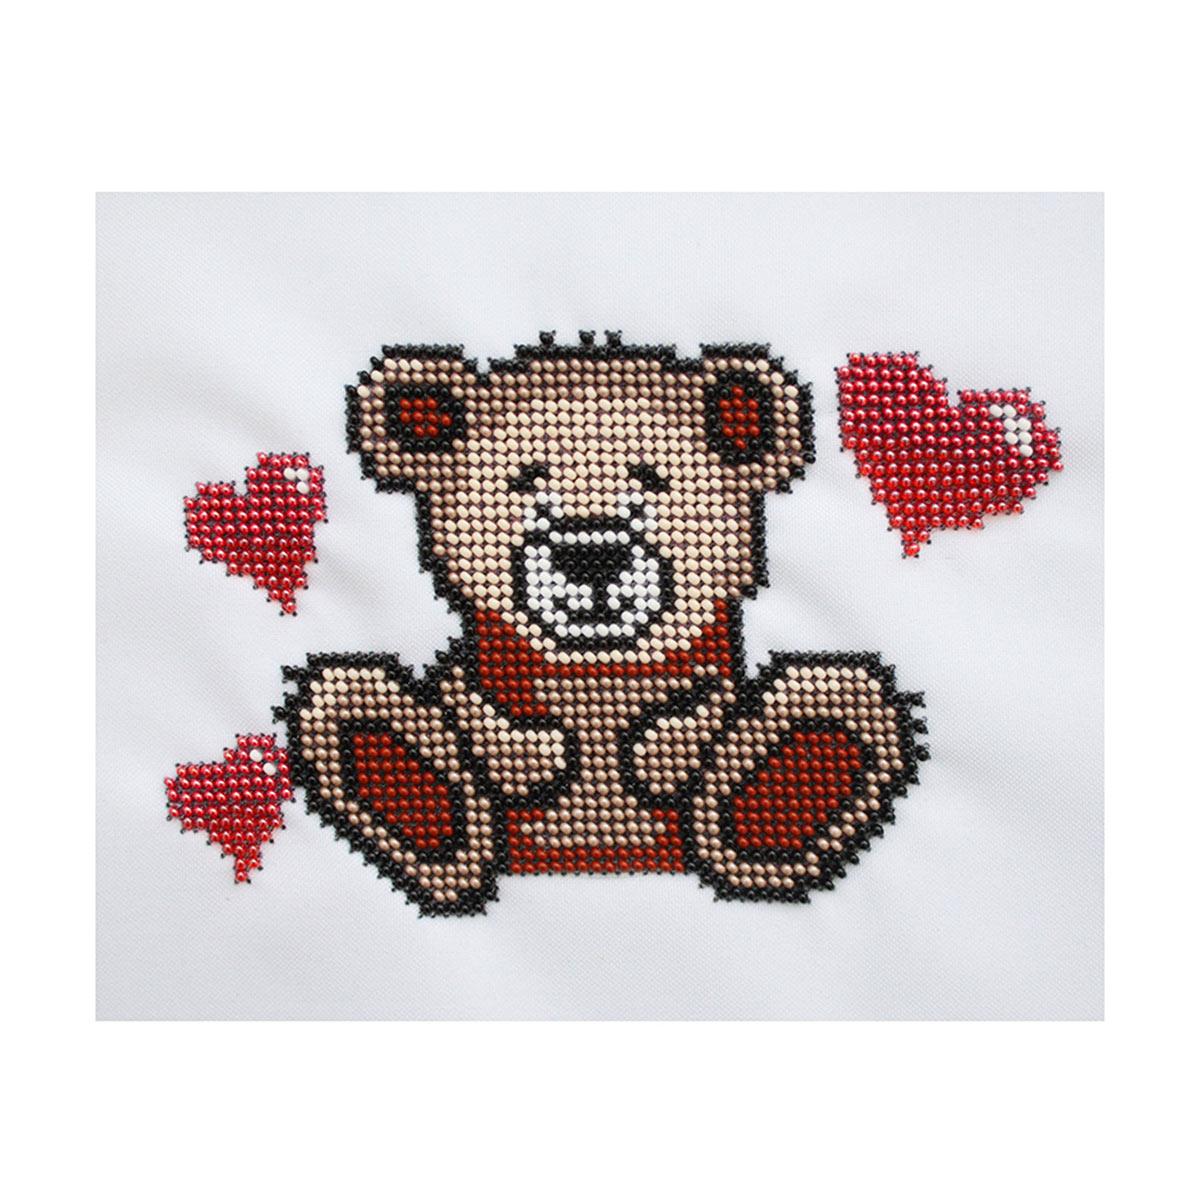 Б-0078 Набор для вышивания бисером 'Бисеринка' 'Мишка с сердцами', 16*11 см